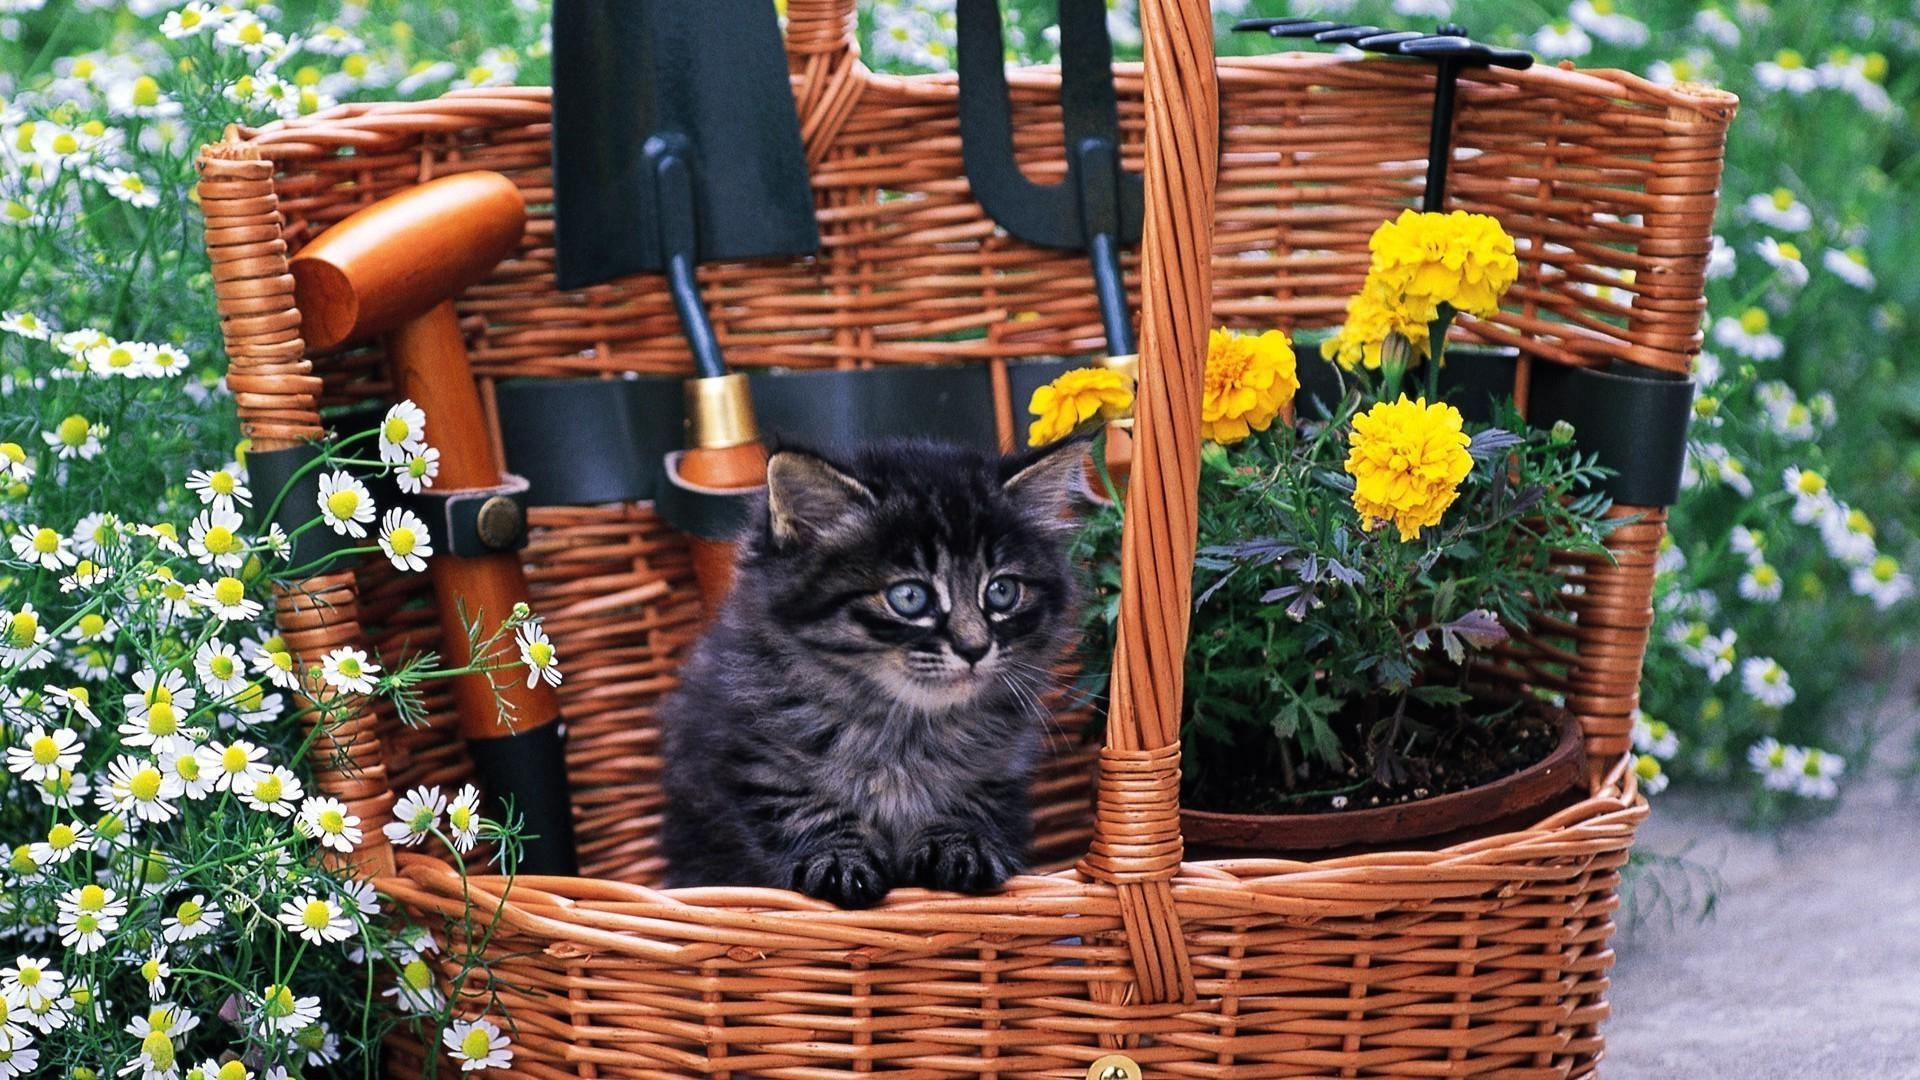 Кота в корзинке1 загрузить